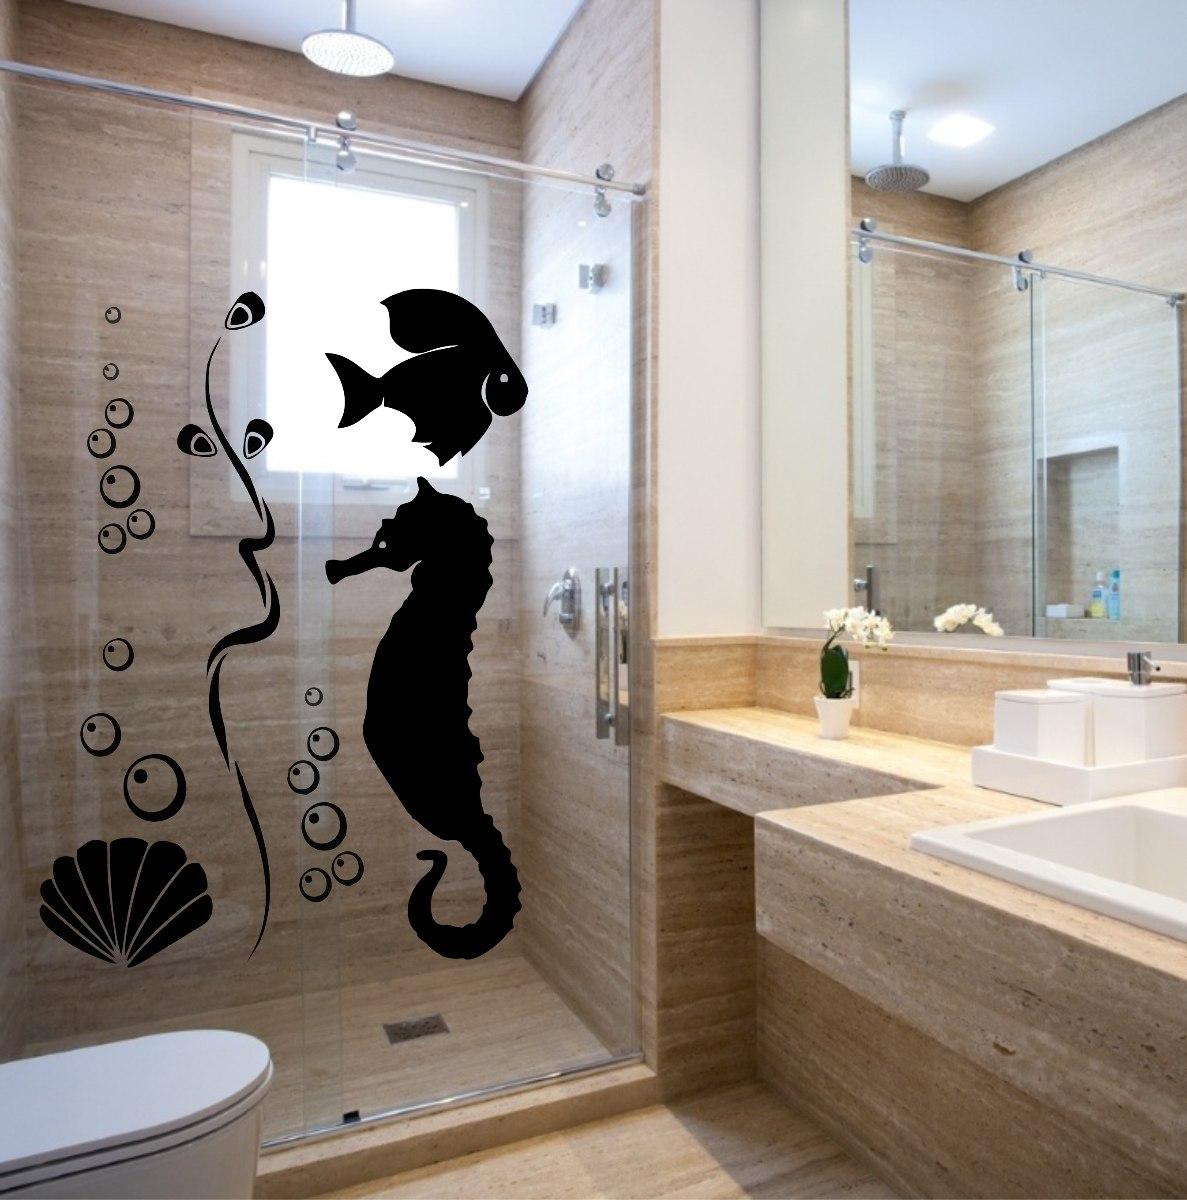 Papel de parede para banheiros Decorando Casas #826849 1187 1200